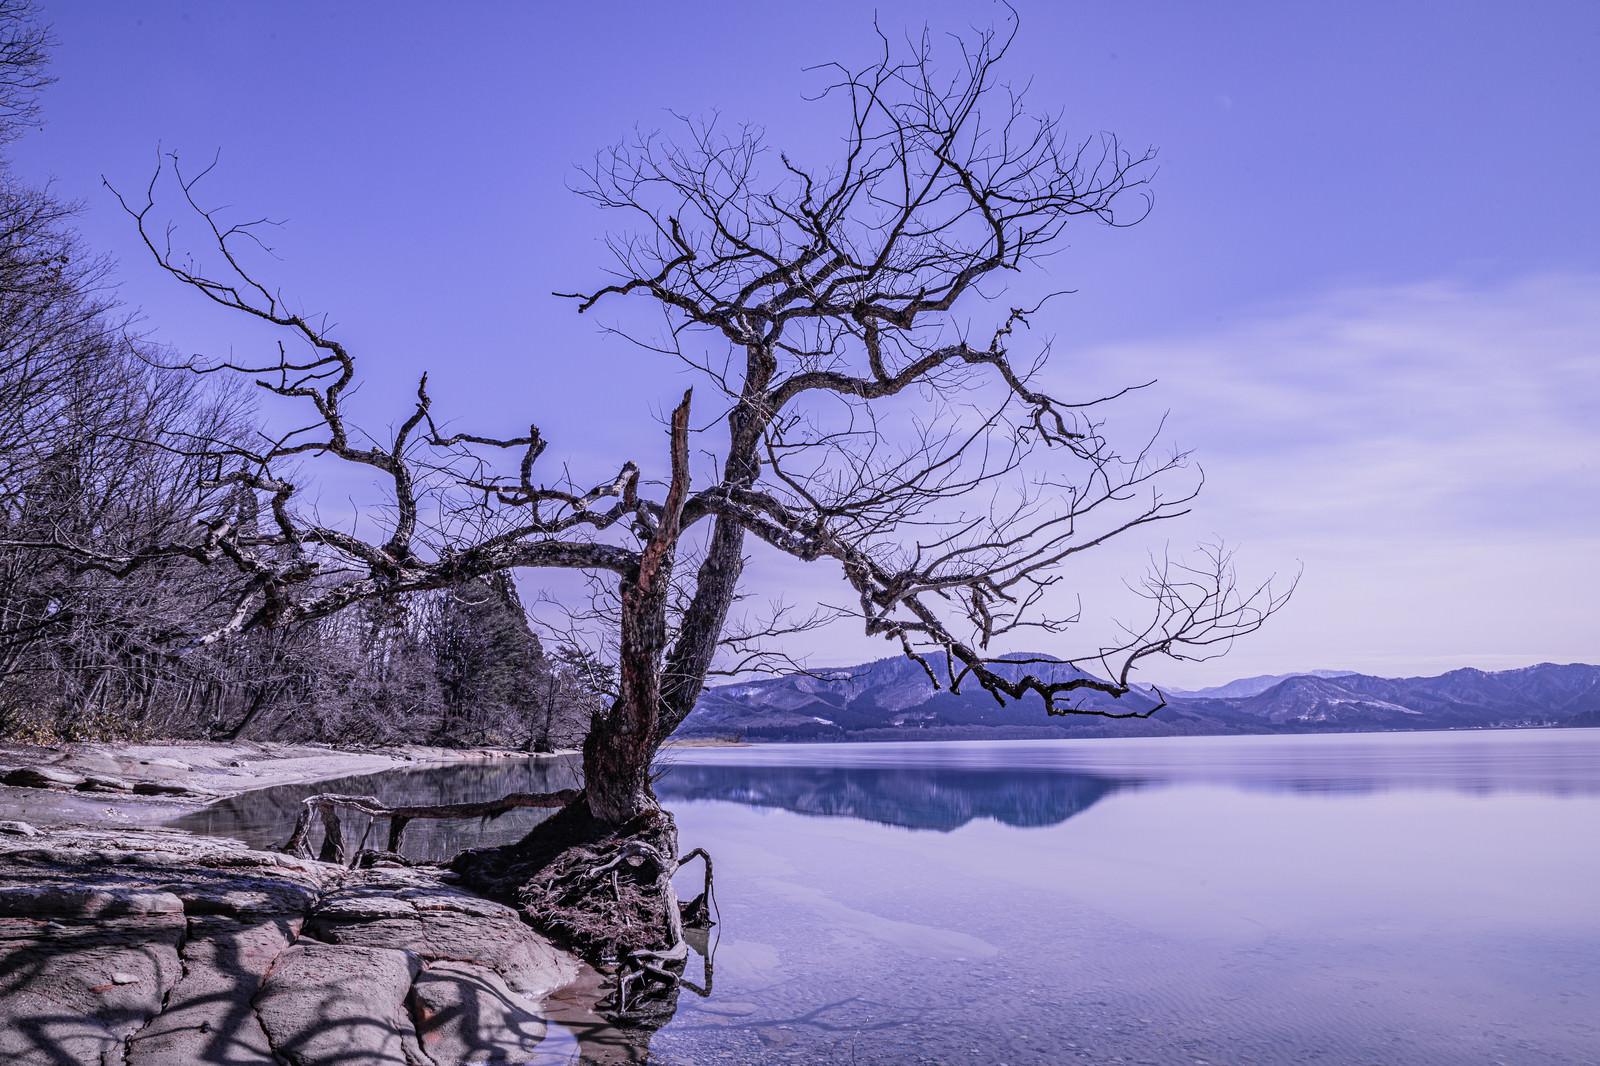 「田沢湖の枯れ木」の写真